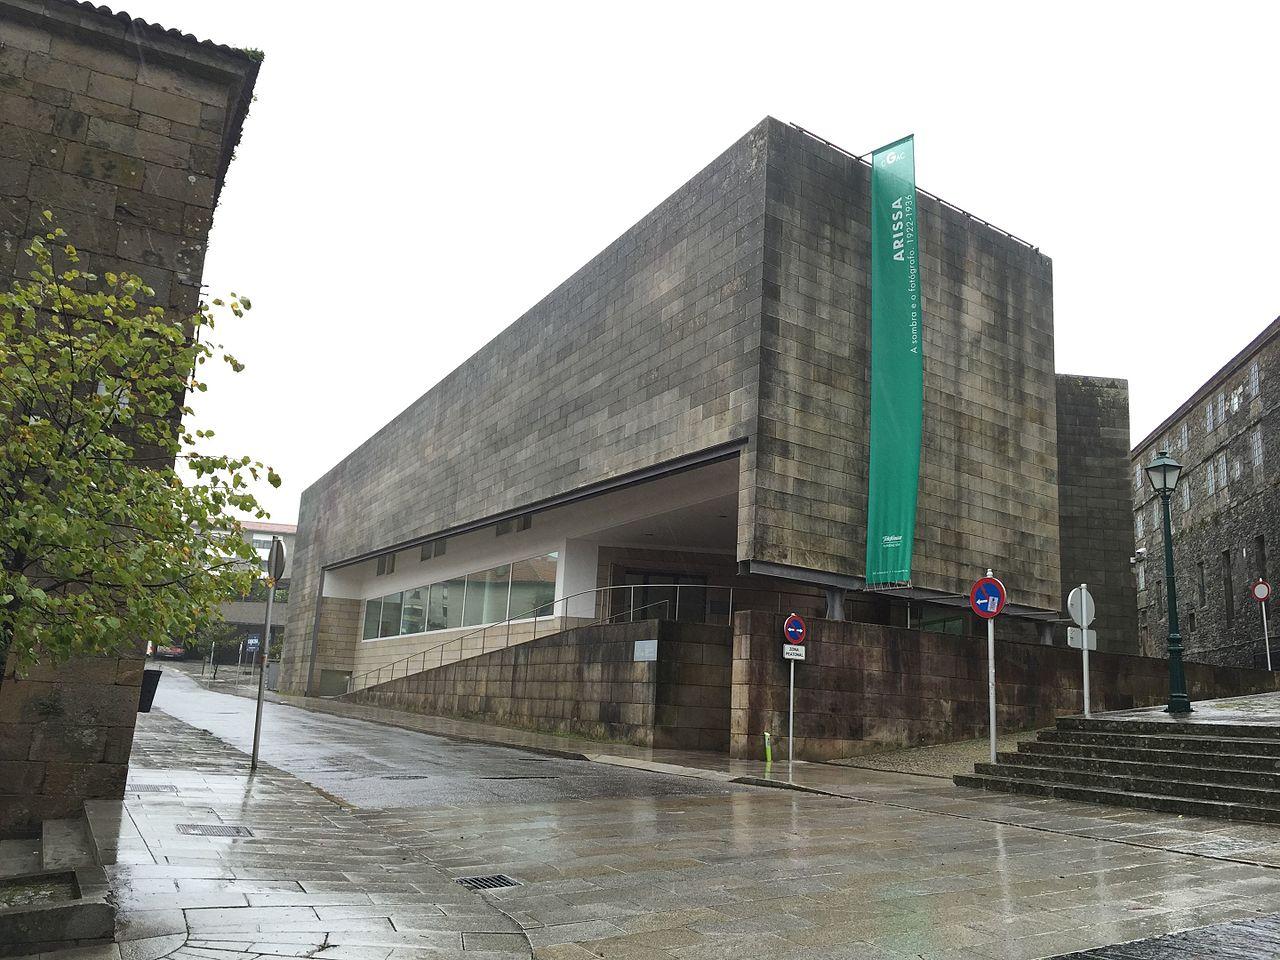 Centro Galego de Arte Contemporánea | ©Kippelboy / Wikimedia Commons